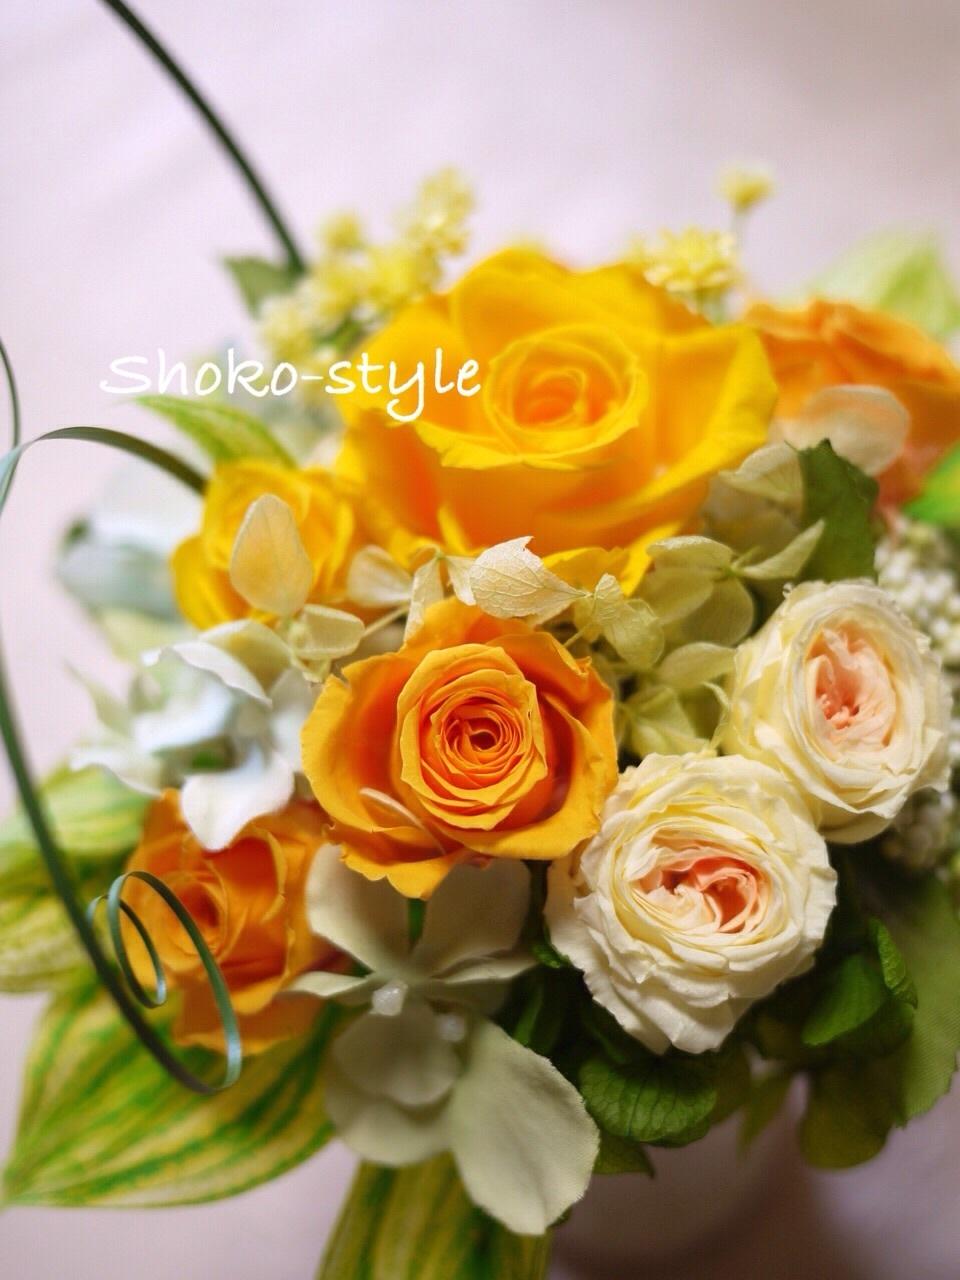 春のアレンジメントは黄色で_a0135999_14440007.jpg